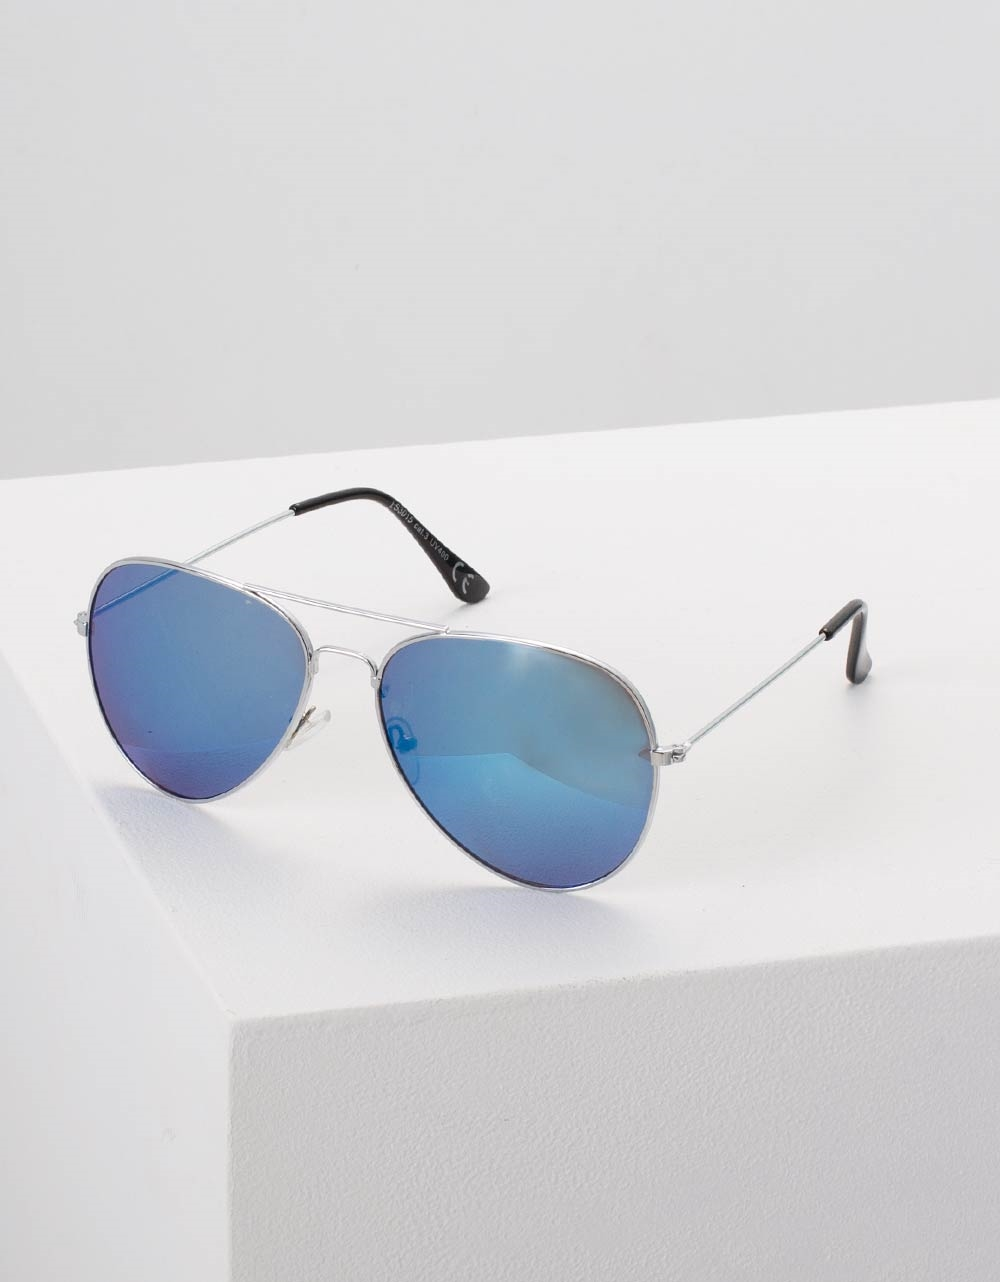 Εικόνα από Γυναικεία γυαλιά ηλίου Μπλε